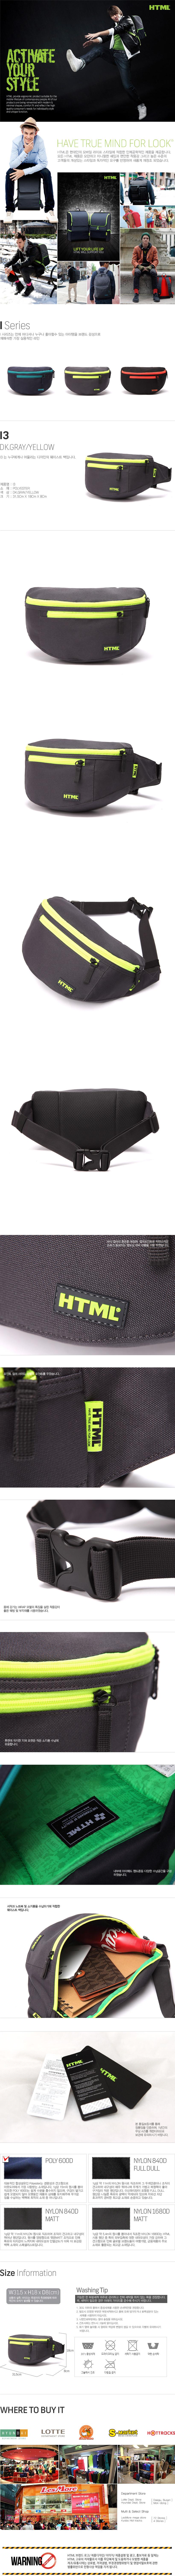 [에이치티엠엘]HTML- I3 Hip sack (DK.GRAY/YELLOW)